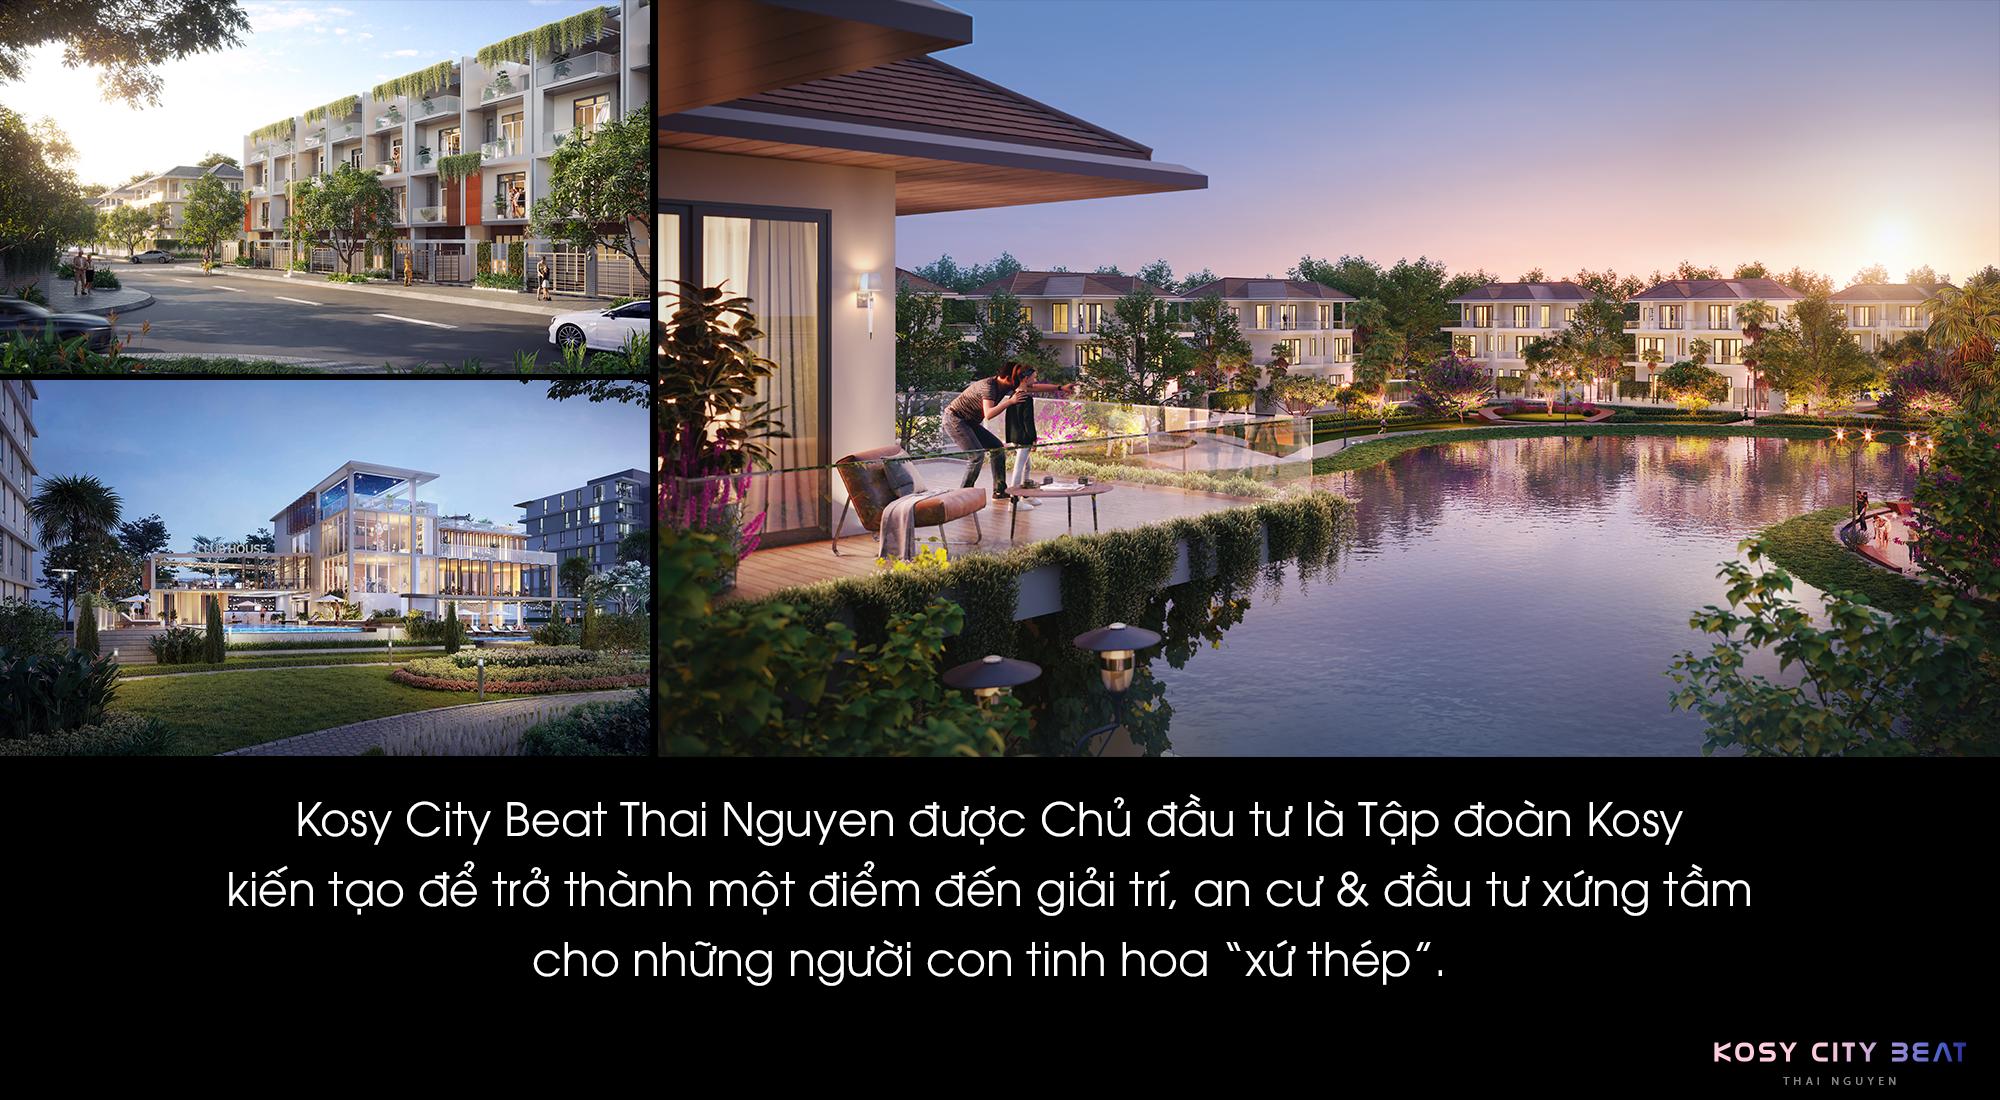 Cuộc sống thăng hoa, nhịp đập lan tỏa tại khu đô thị hiện đại bậc nhất TP. Thái Nguyên - Ảnh 5.